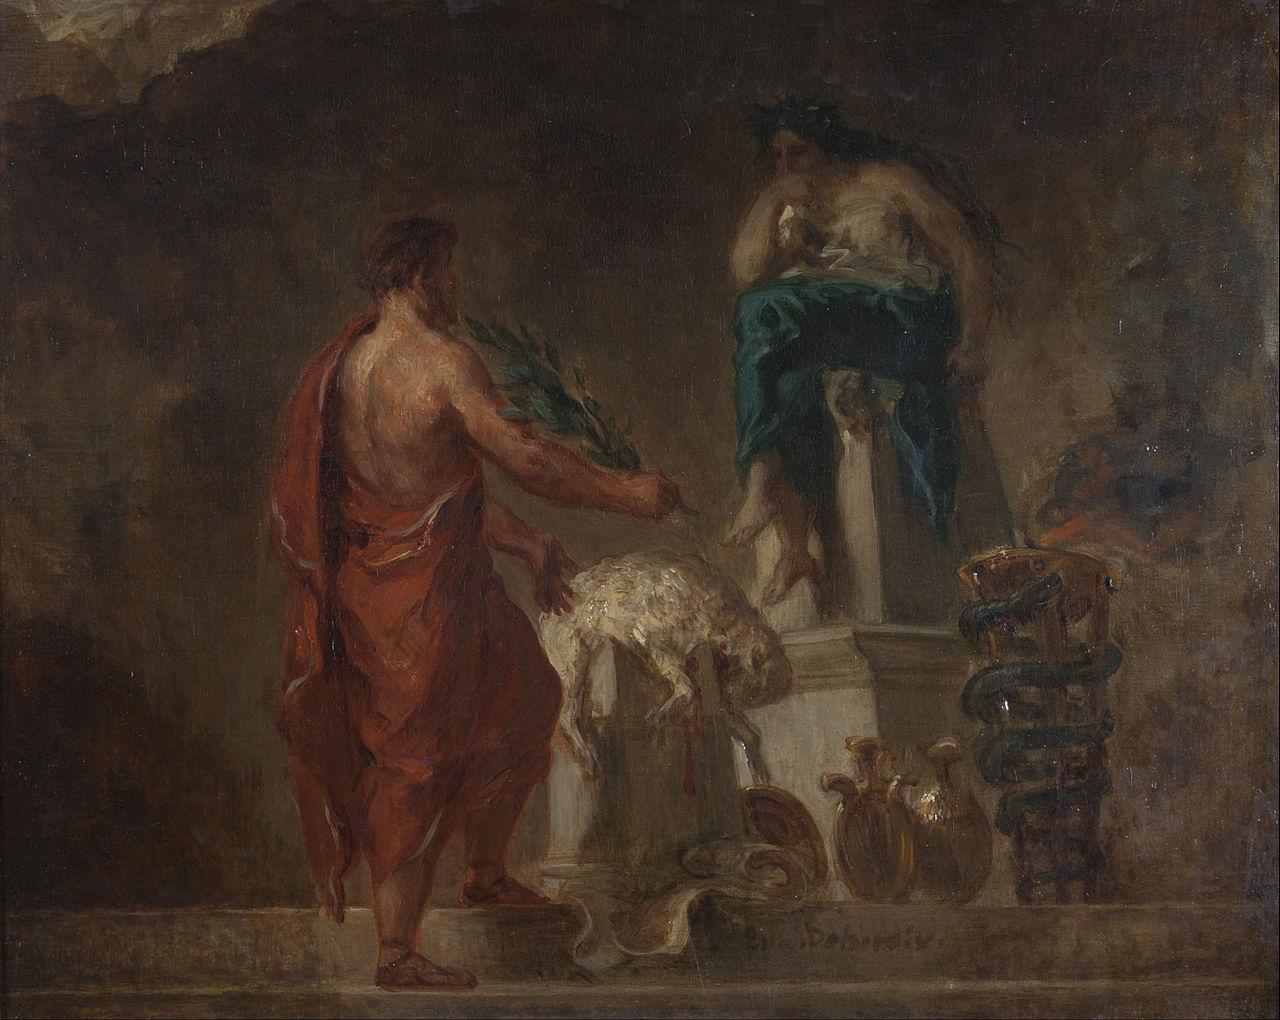 Die antiken GriechInnen konsultierten das Orakel von Delphi zu Zeiten der Krise.